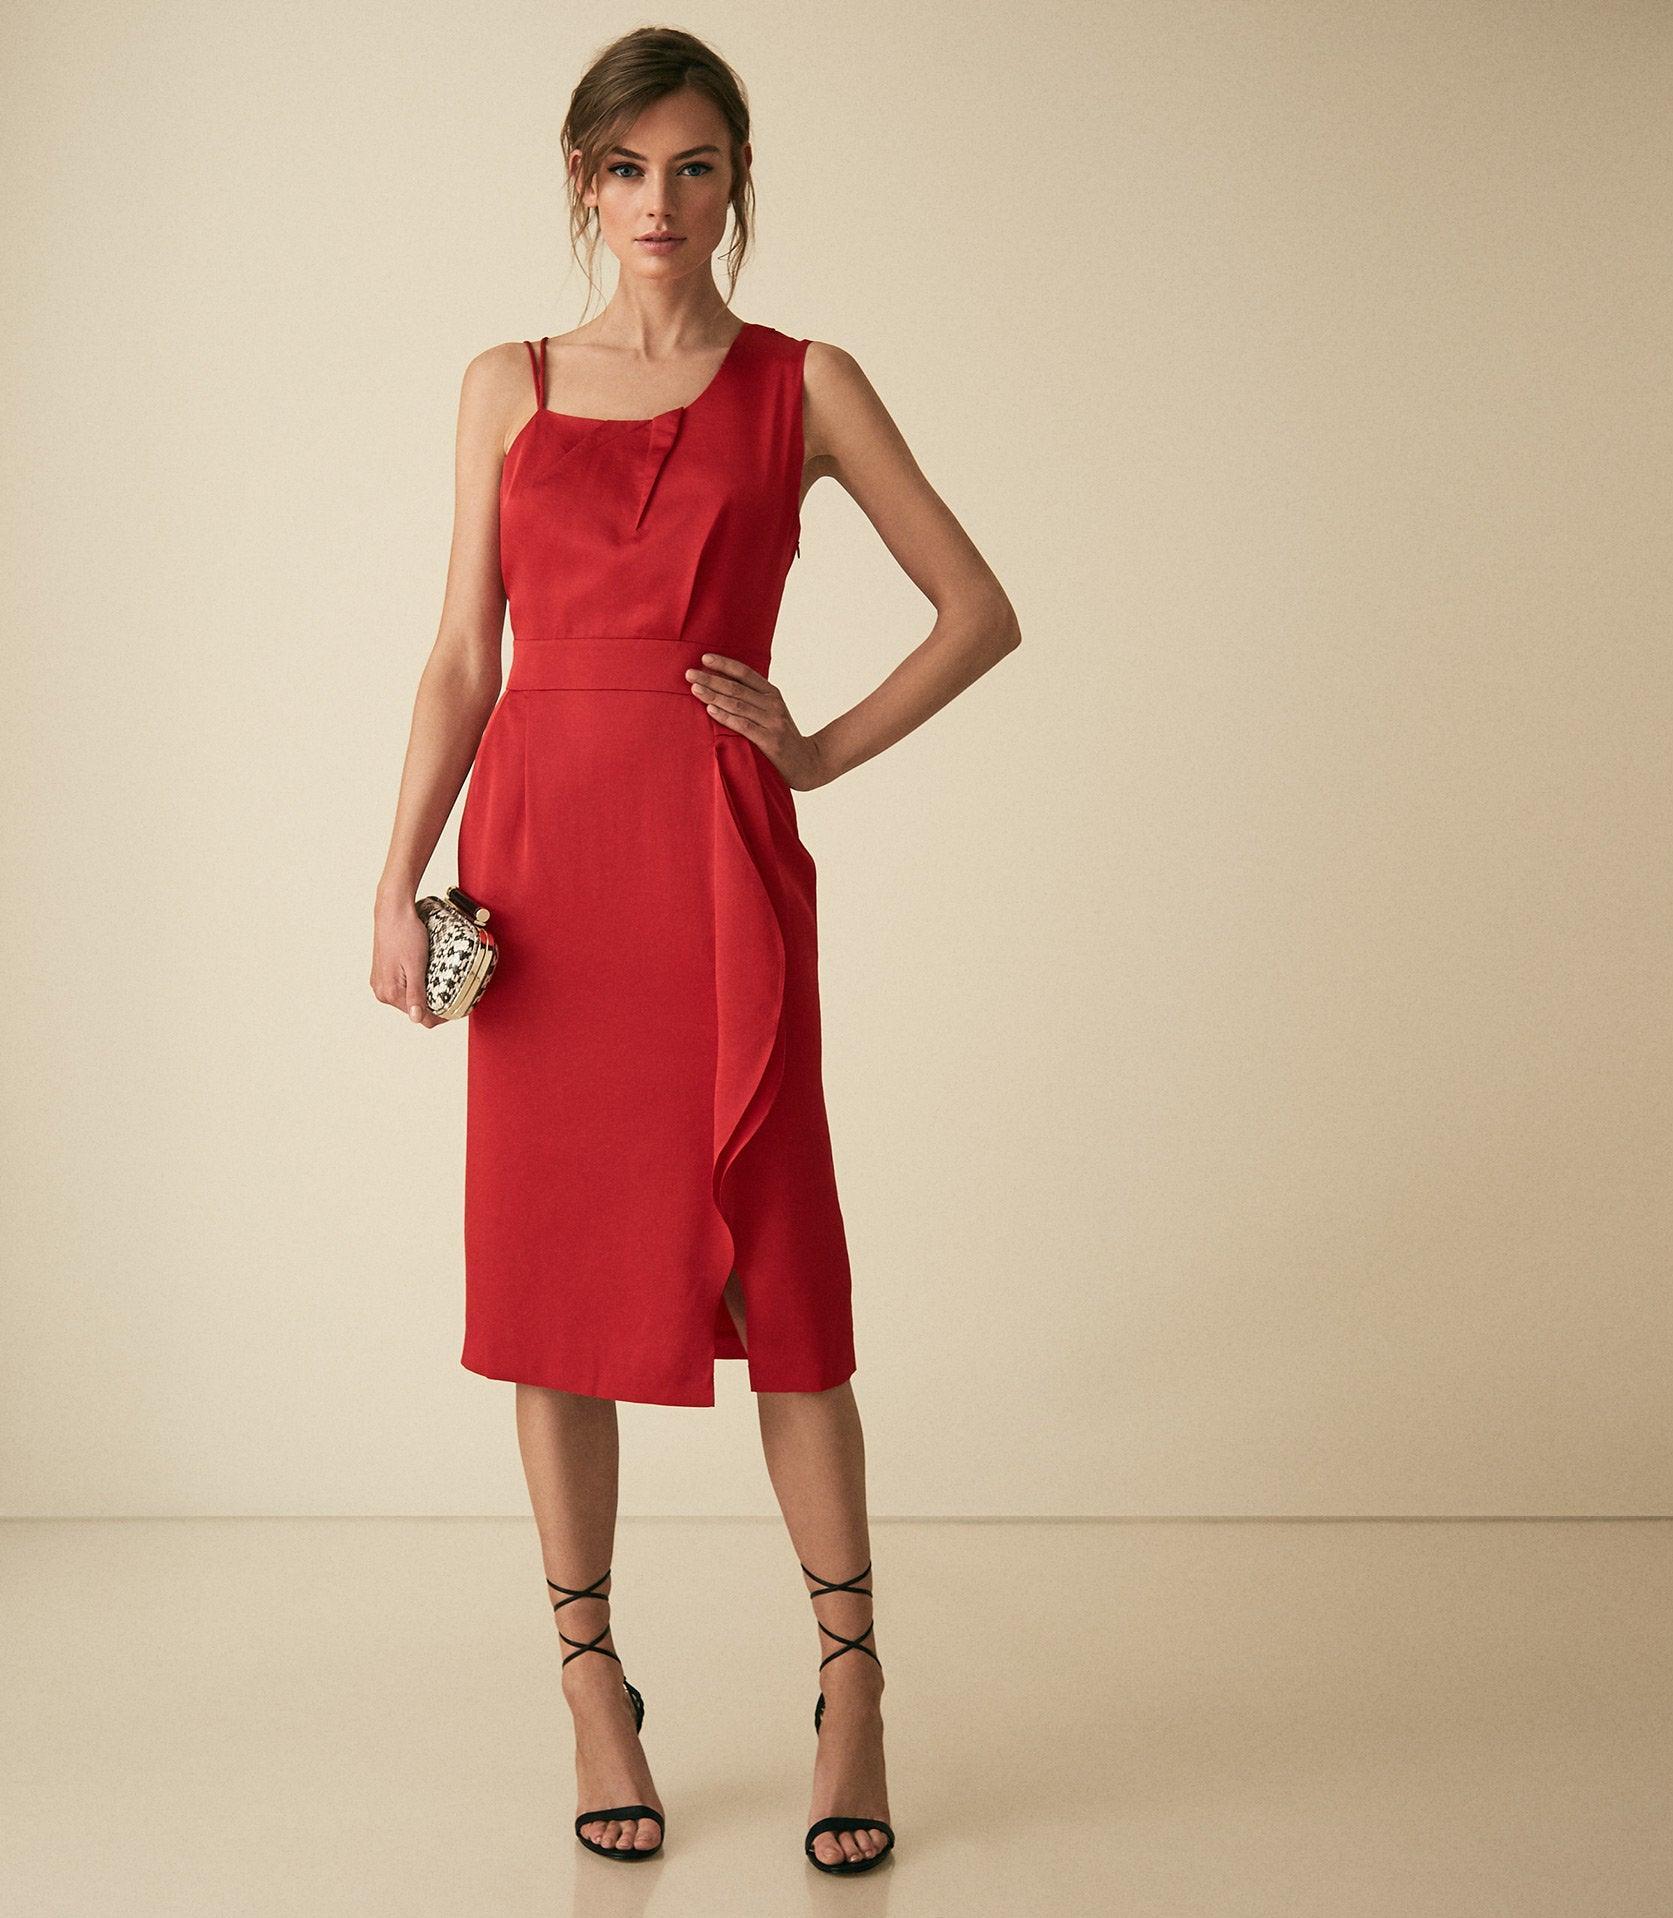 One Shoulder Red Cocktail Dress